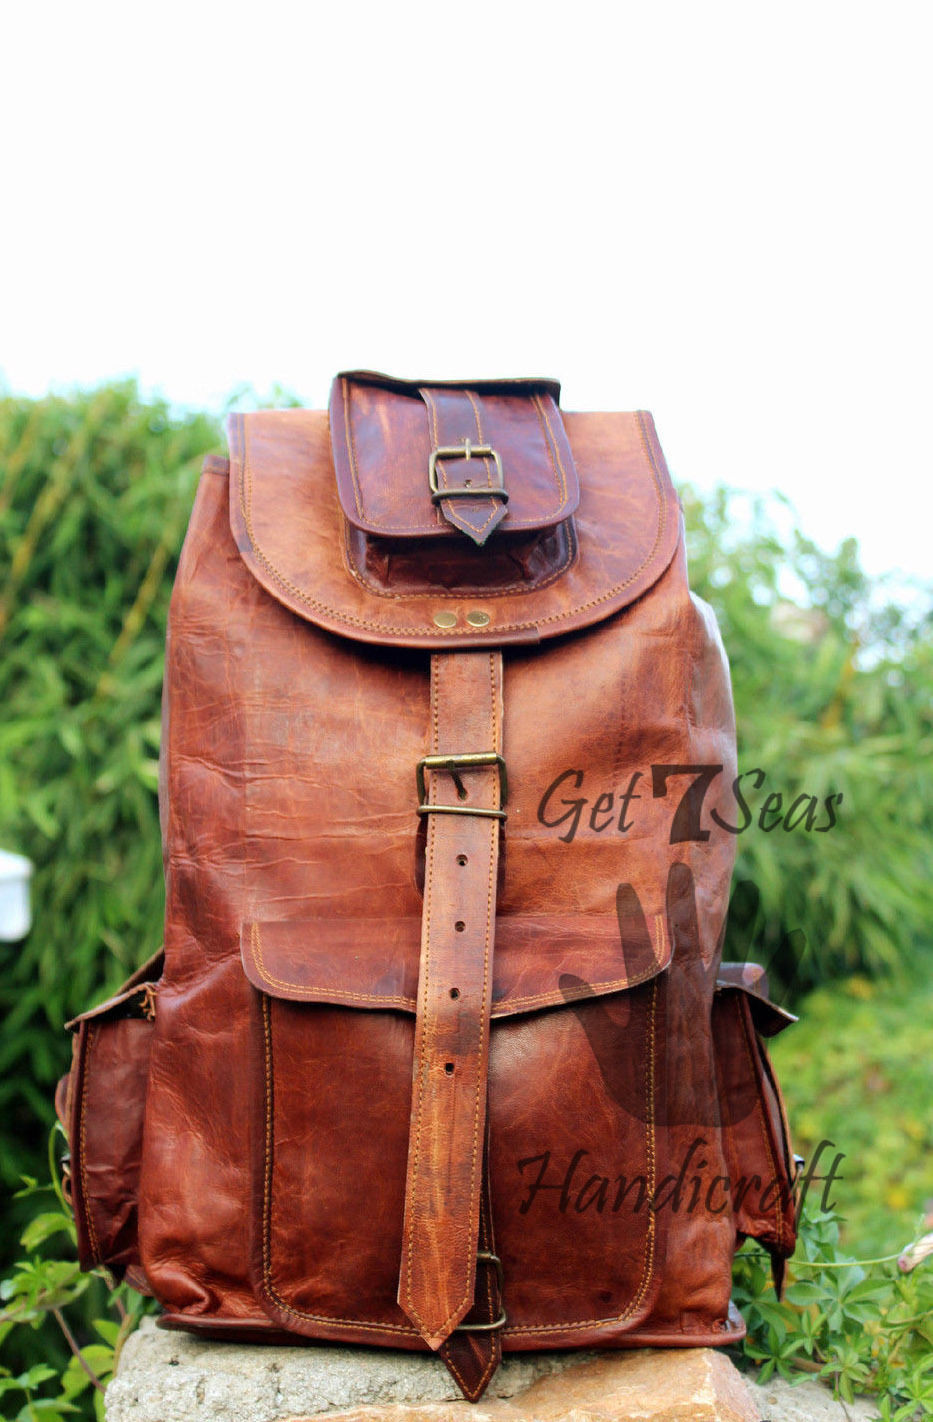 Real genuine men's leather backpack bag laptop briefcase satchel brown vintage